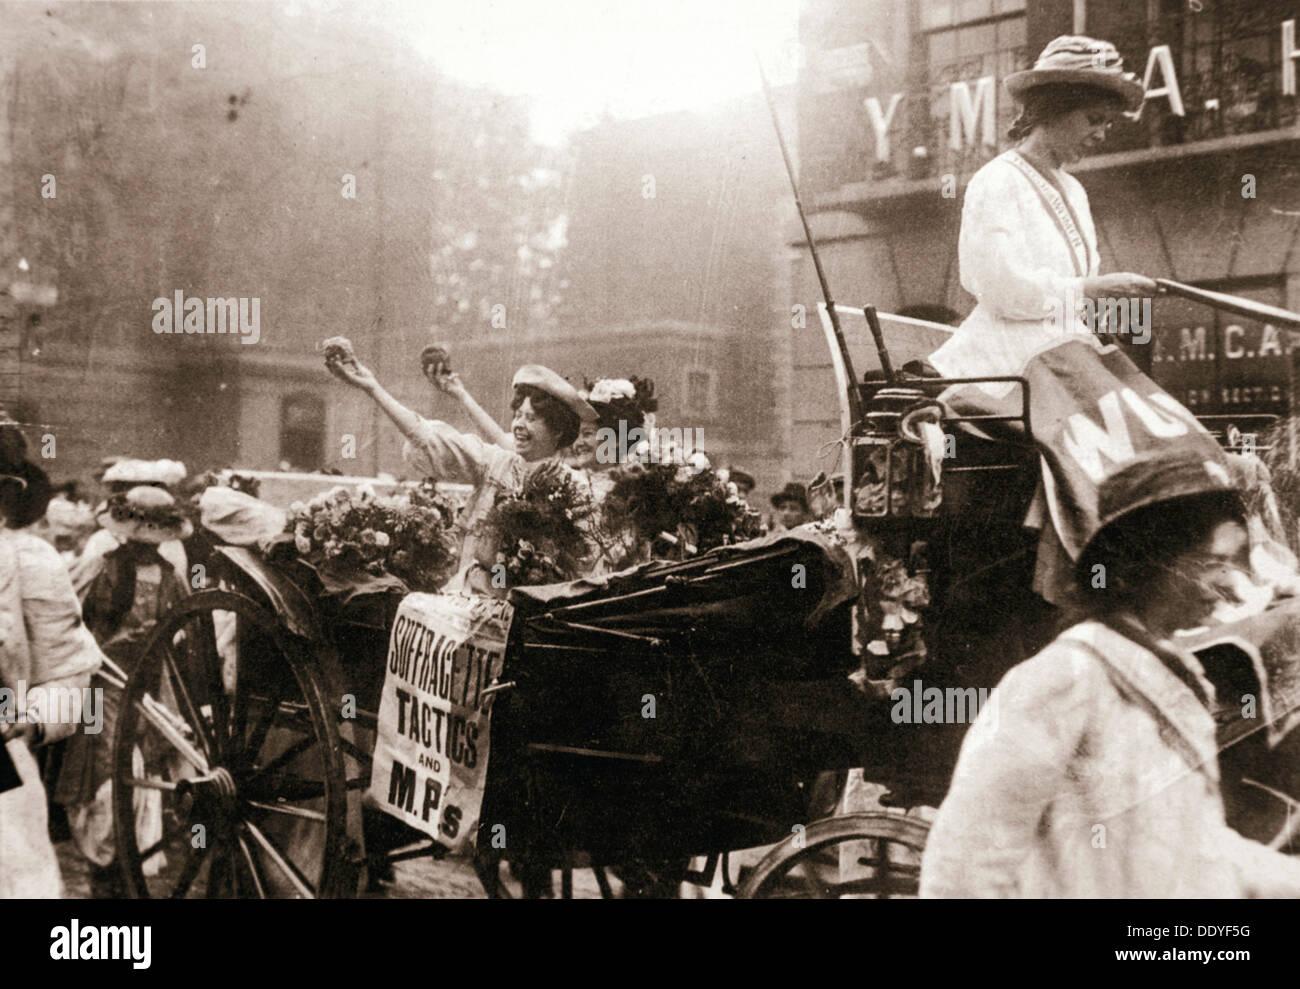 Zwei Suffragetten feiern ihre Haftentlassung Holloway, London, am 22. August 1908. Künstler: unbekannt Stockbild